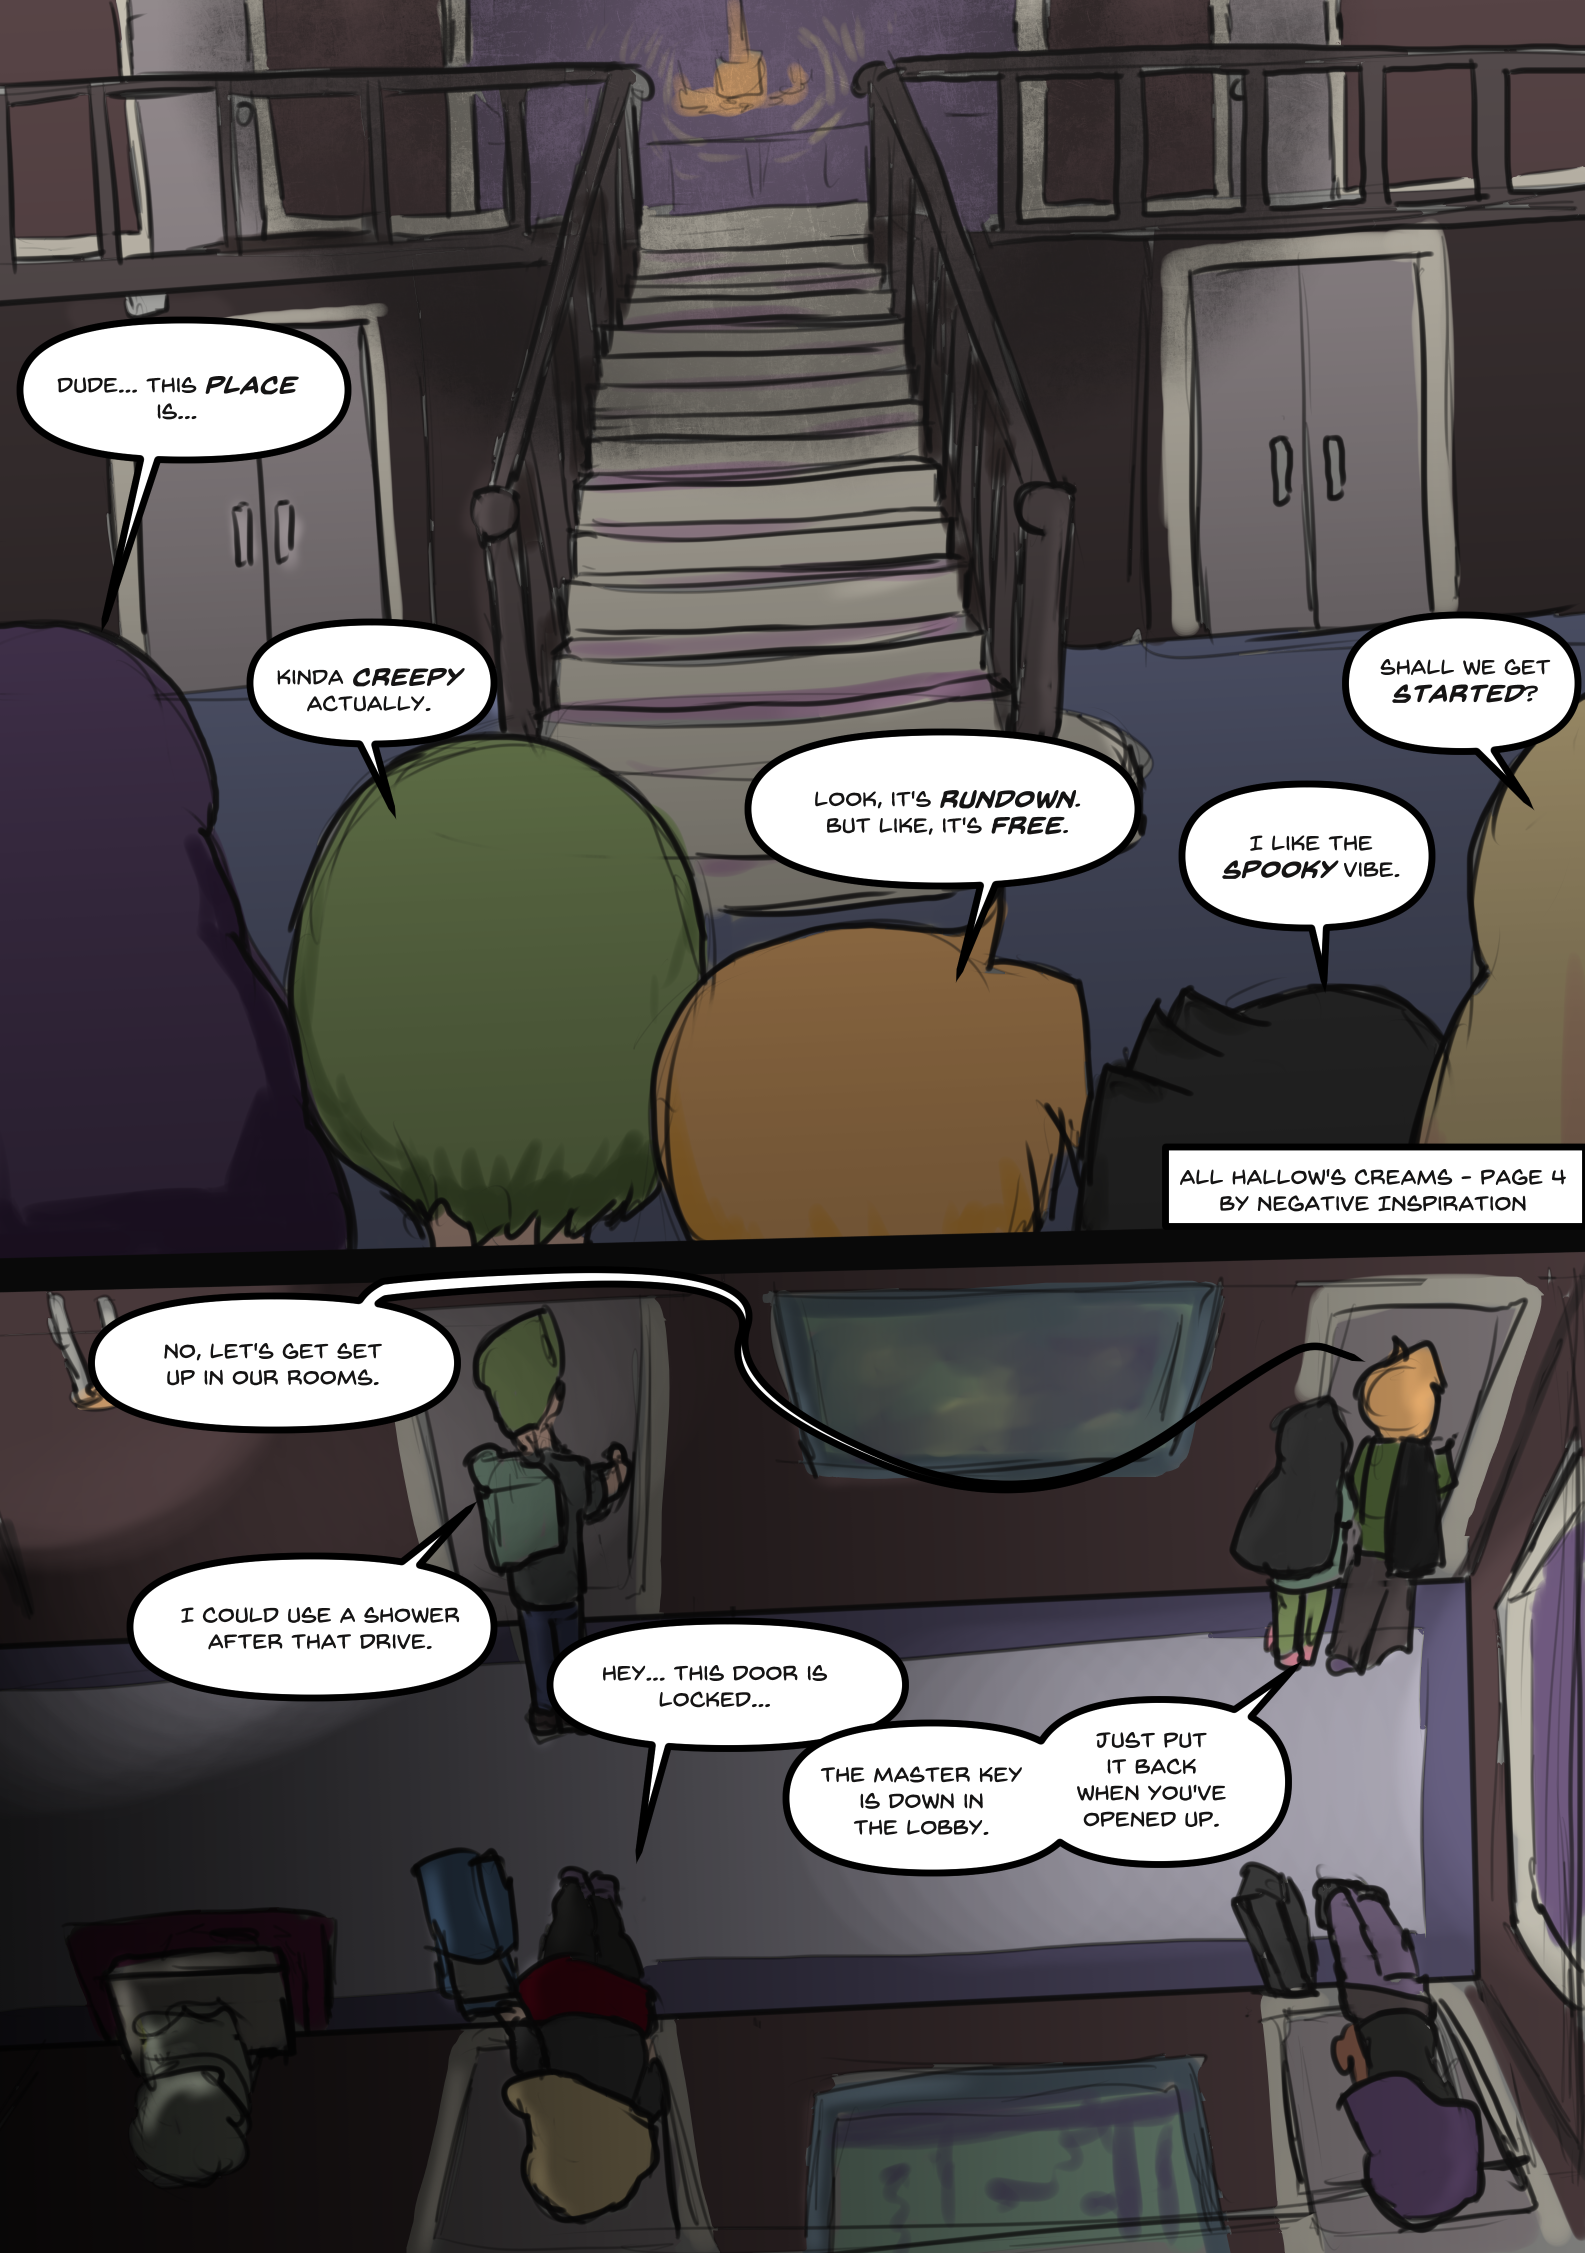 All Hallows Creams - Page 04